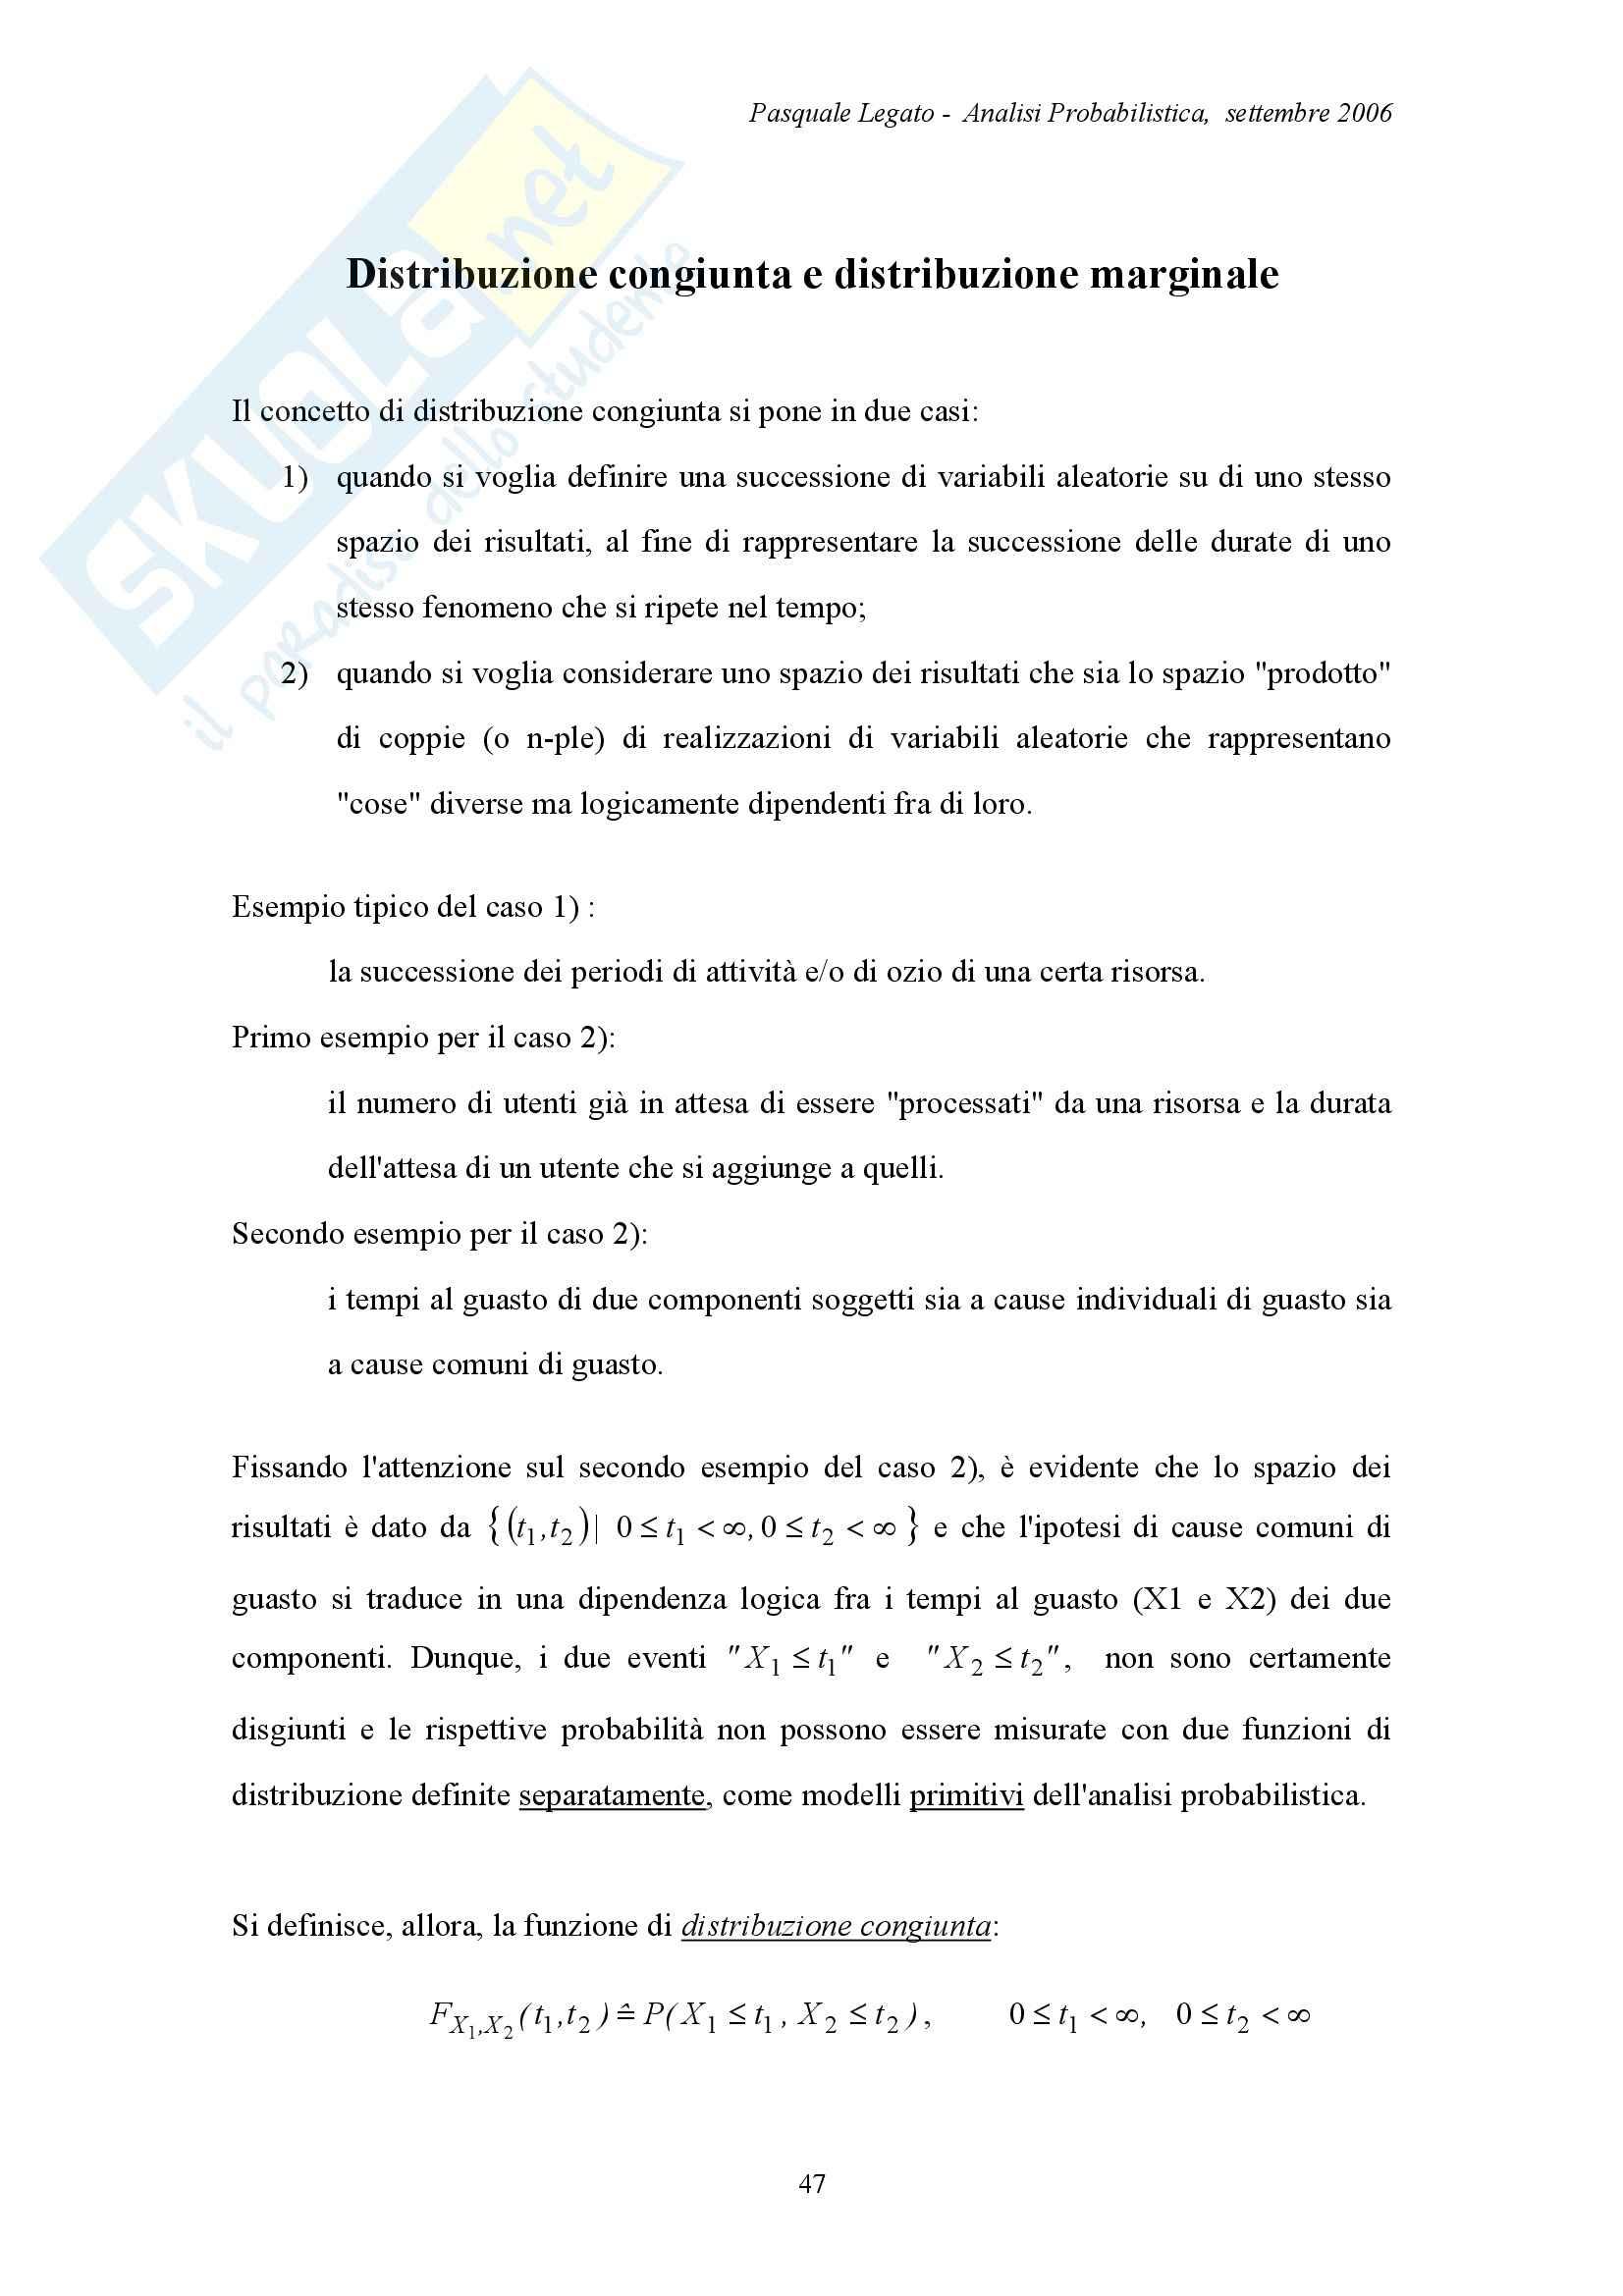 Analisi probabilistica - Appunti